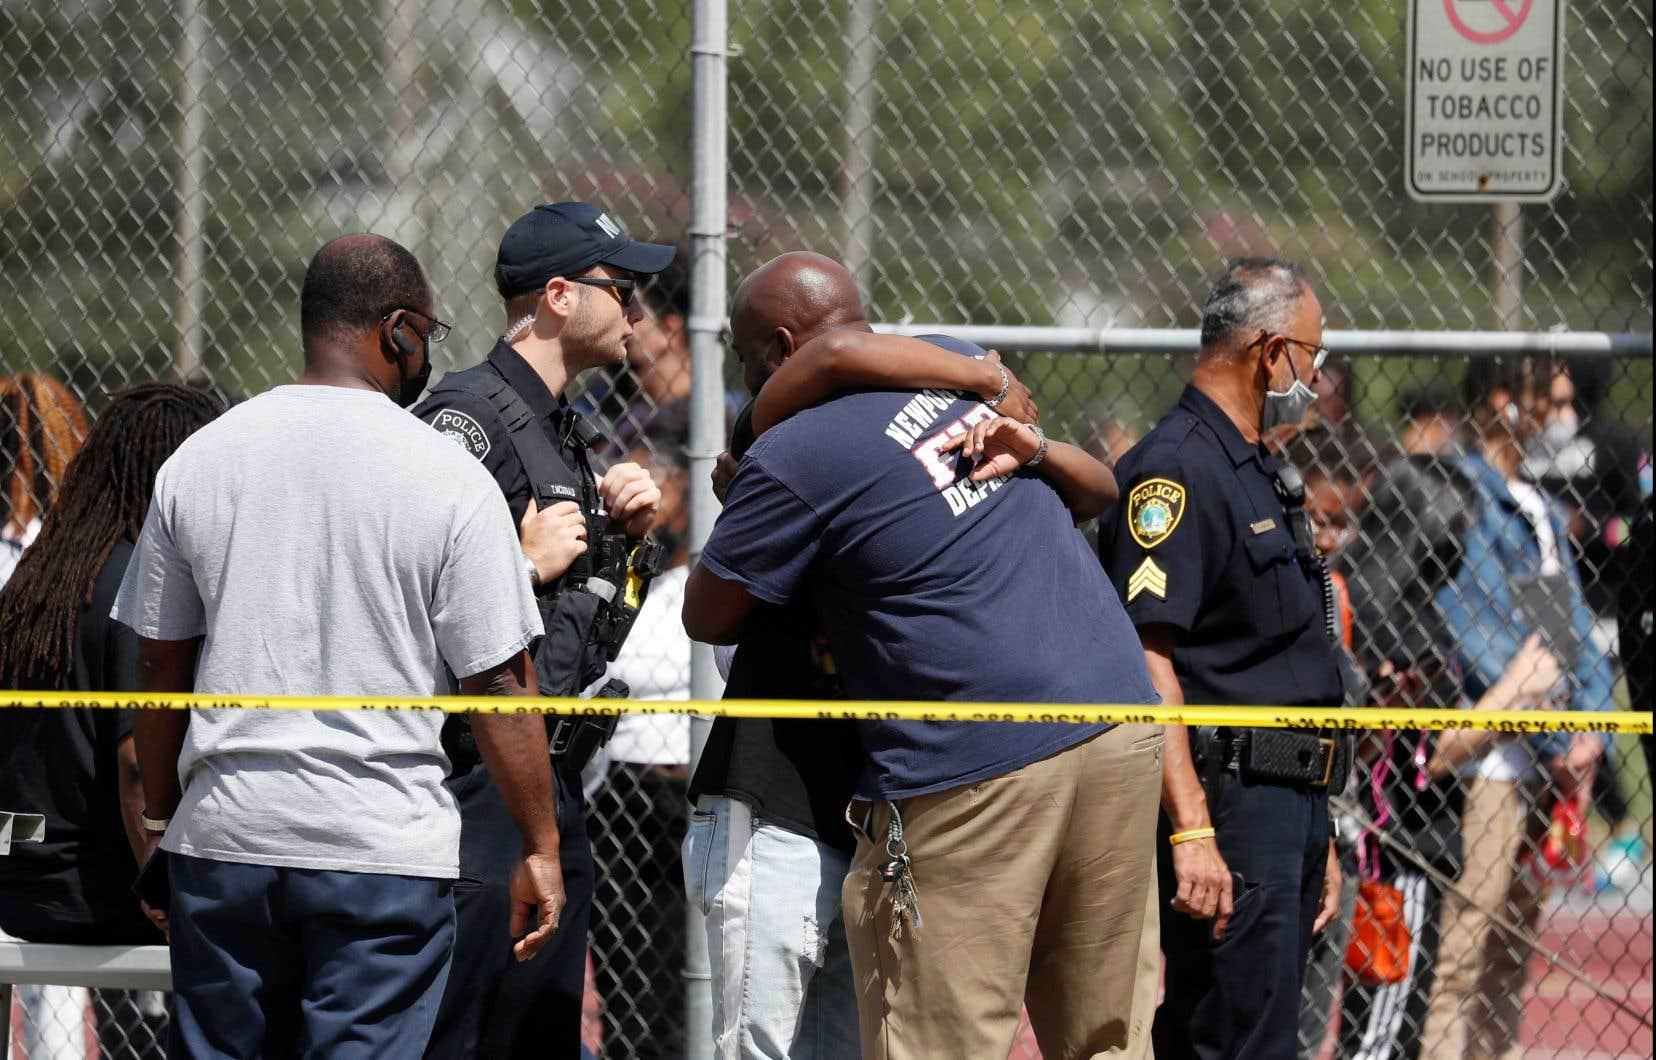 Les élèves ont été évacués vers les courts de tennis, où les parents pouvaient les retrouver, a indiqué la police. Un ruban délimitant la scène de crime s'étendait à travers des parties du stationnement de l'école.